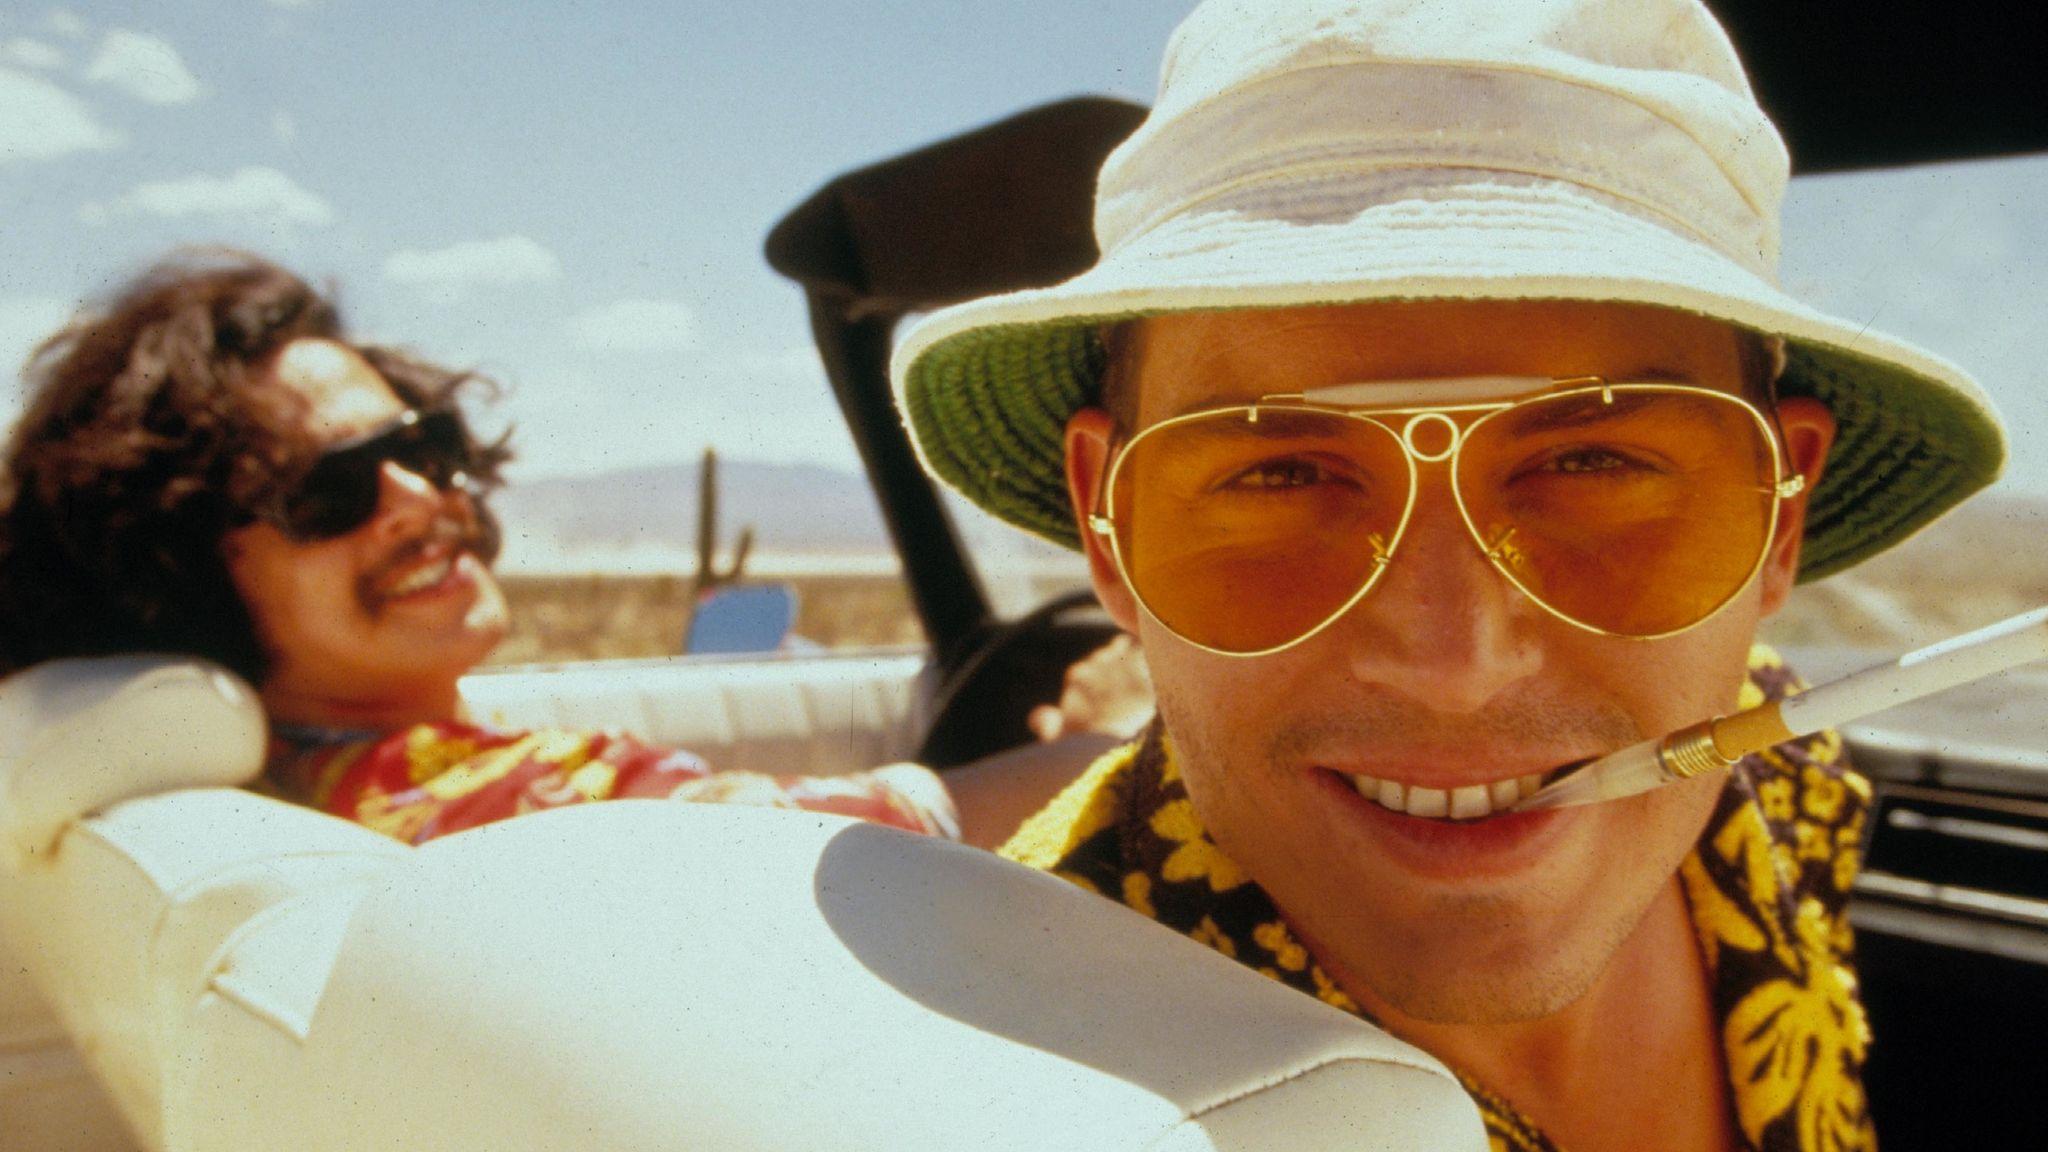 Fear And Loathing In Las Vegas, Benicio Del Torro, Johnny Depp